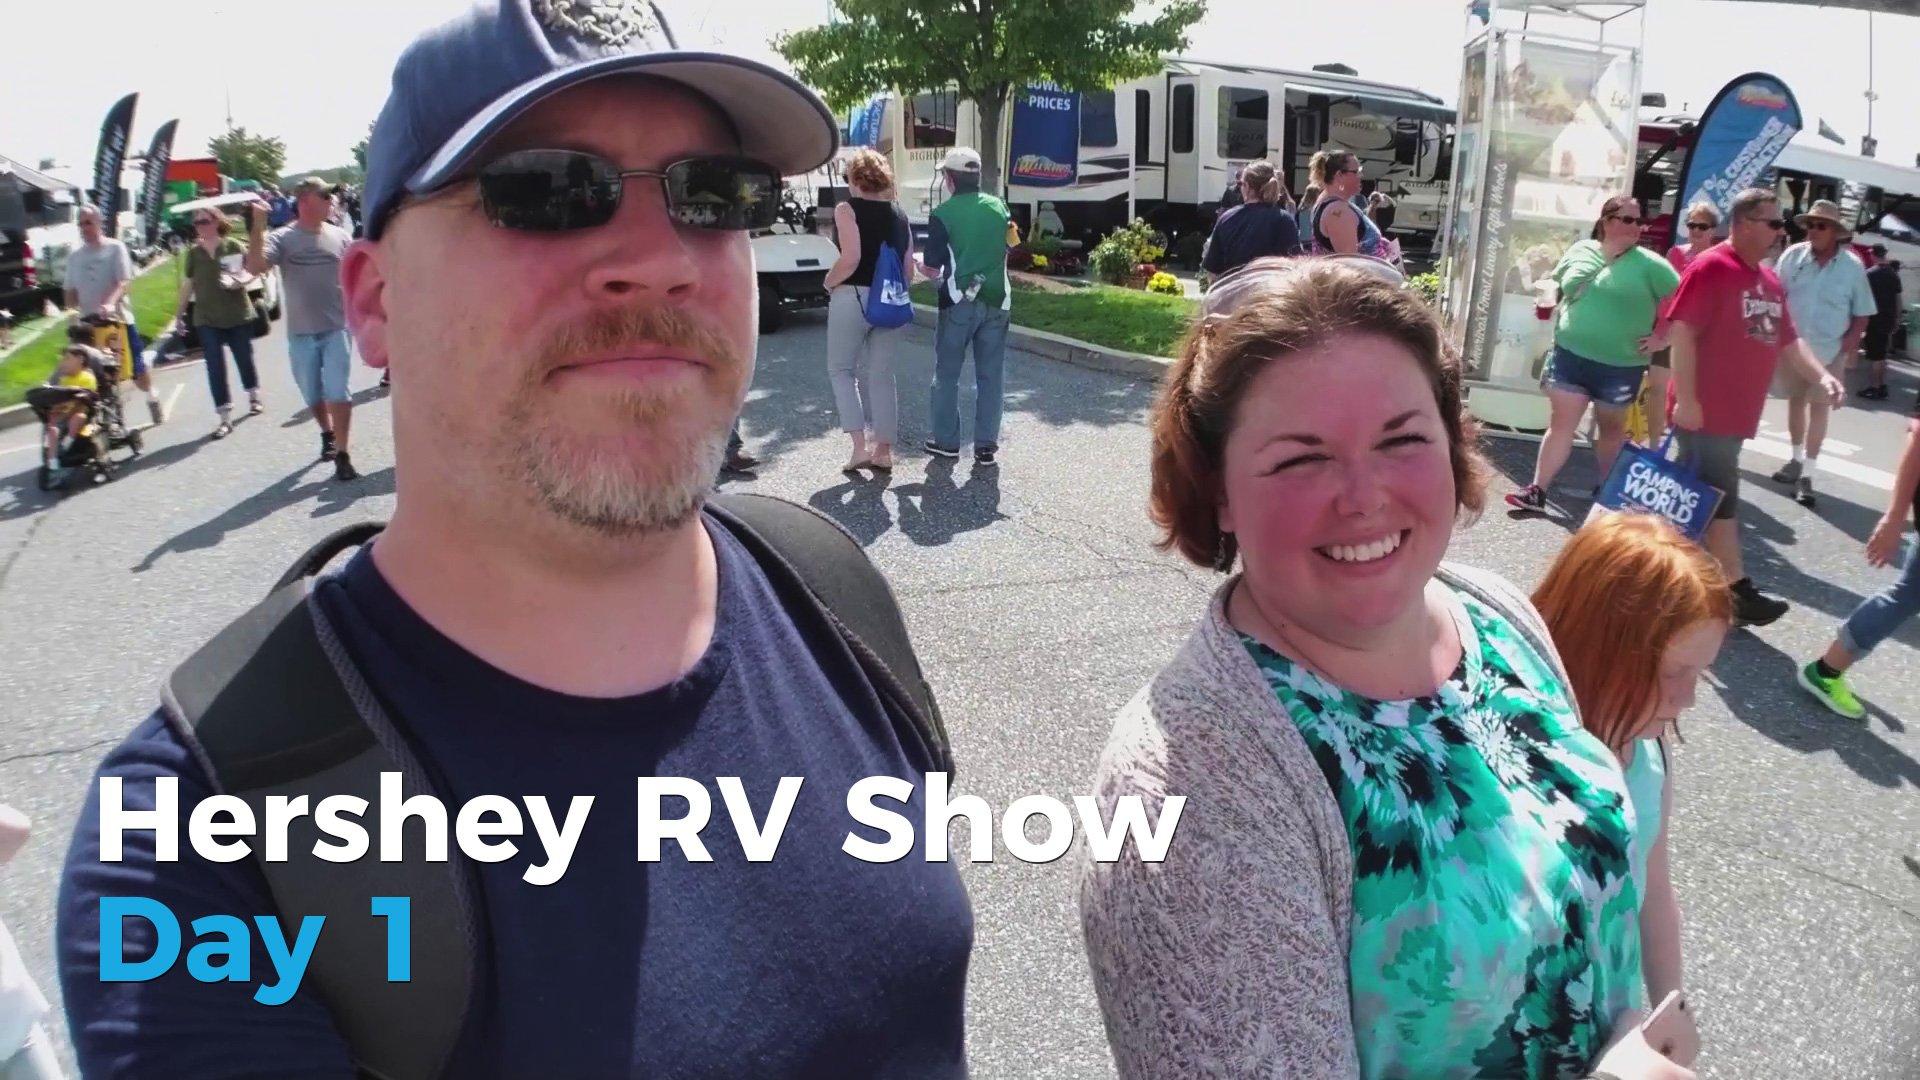 Vlog Episode 2